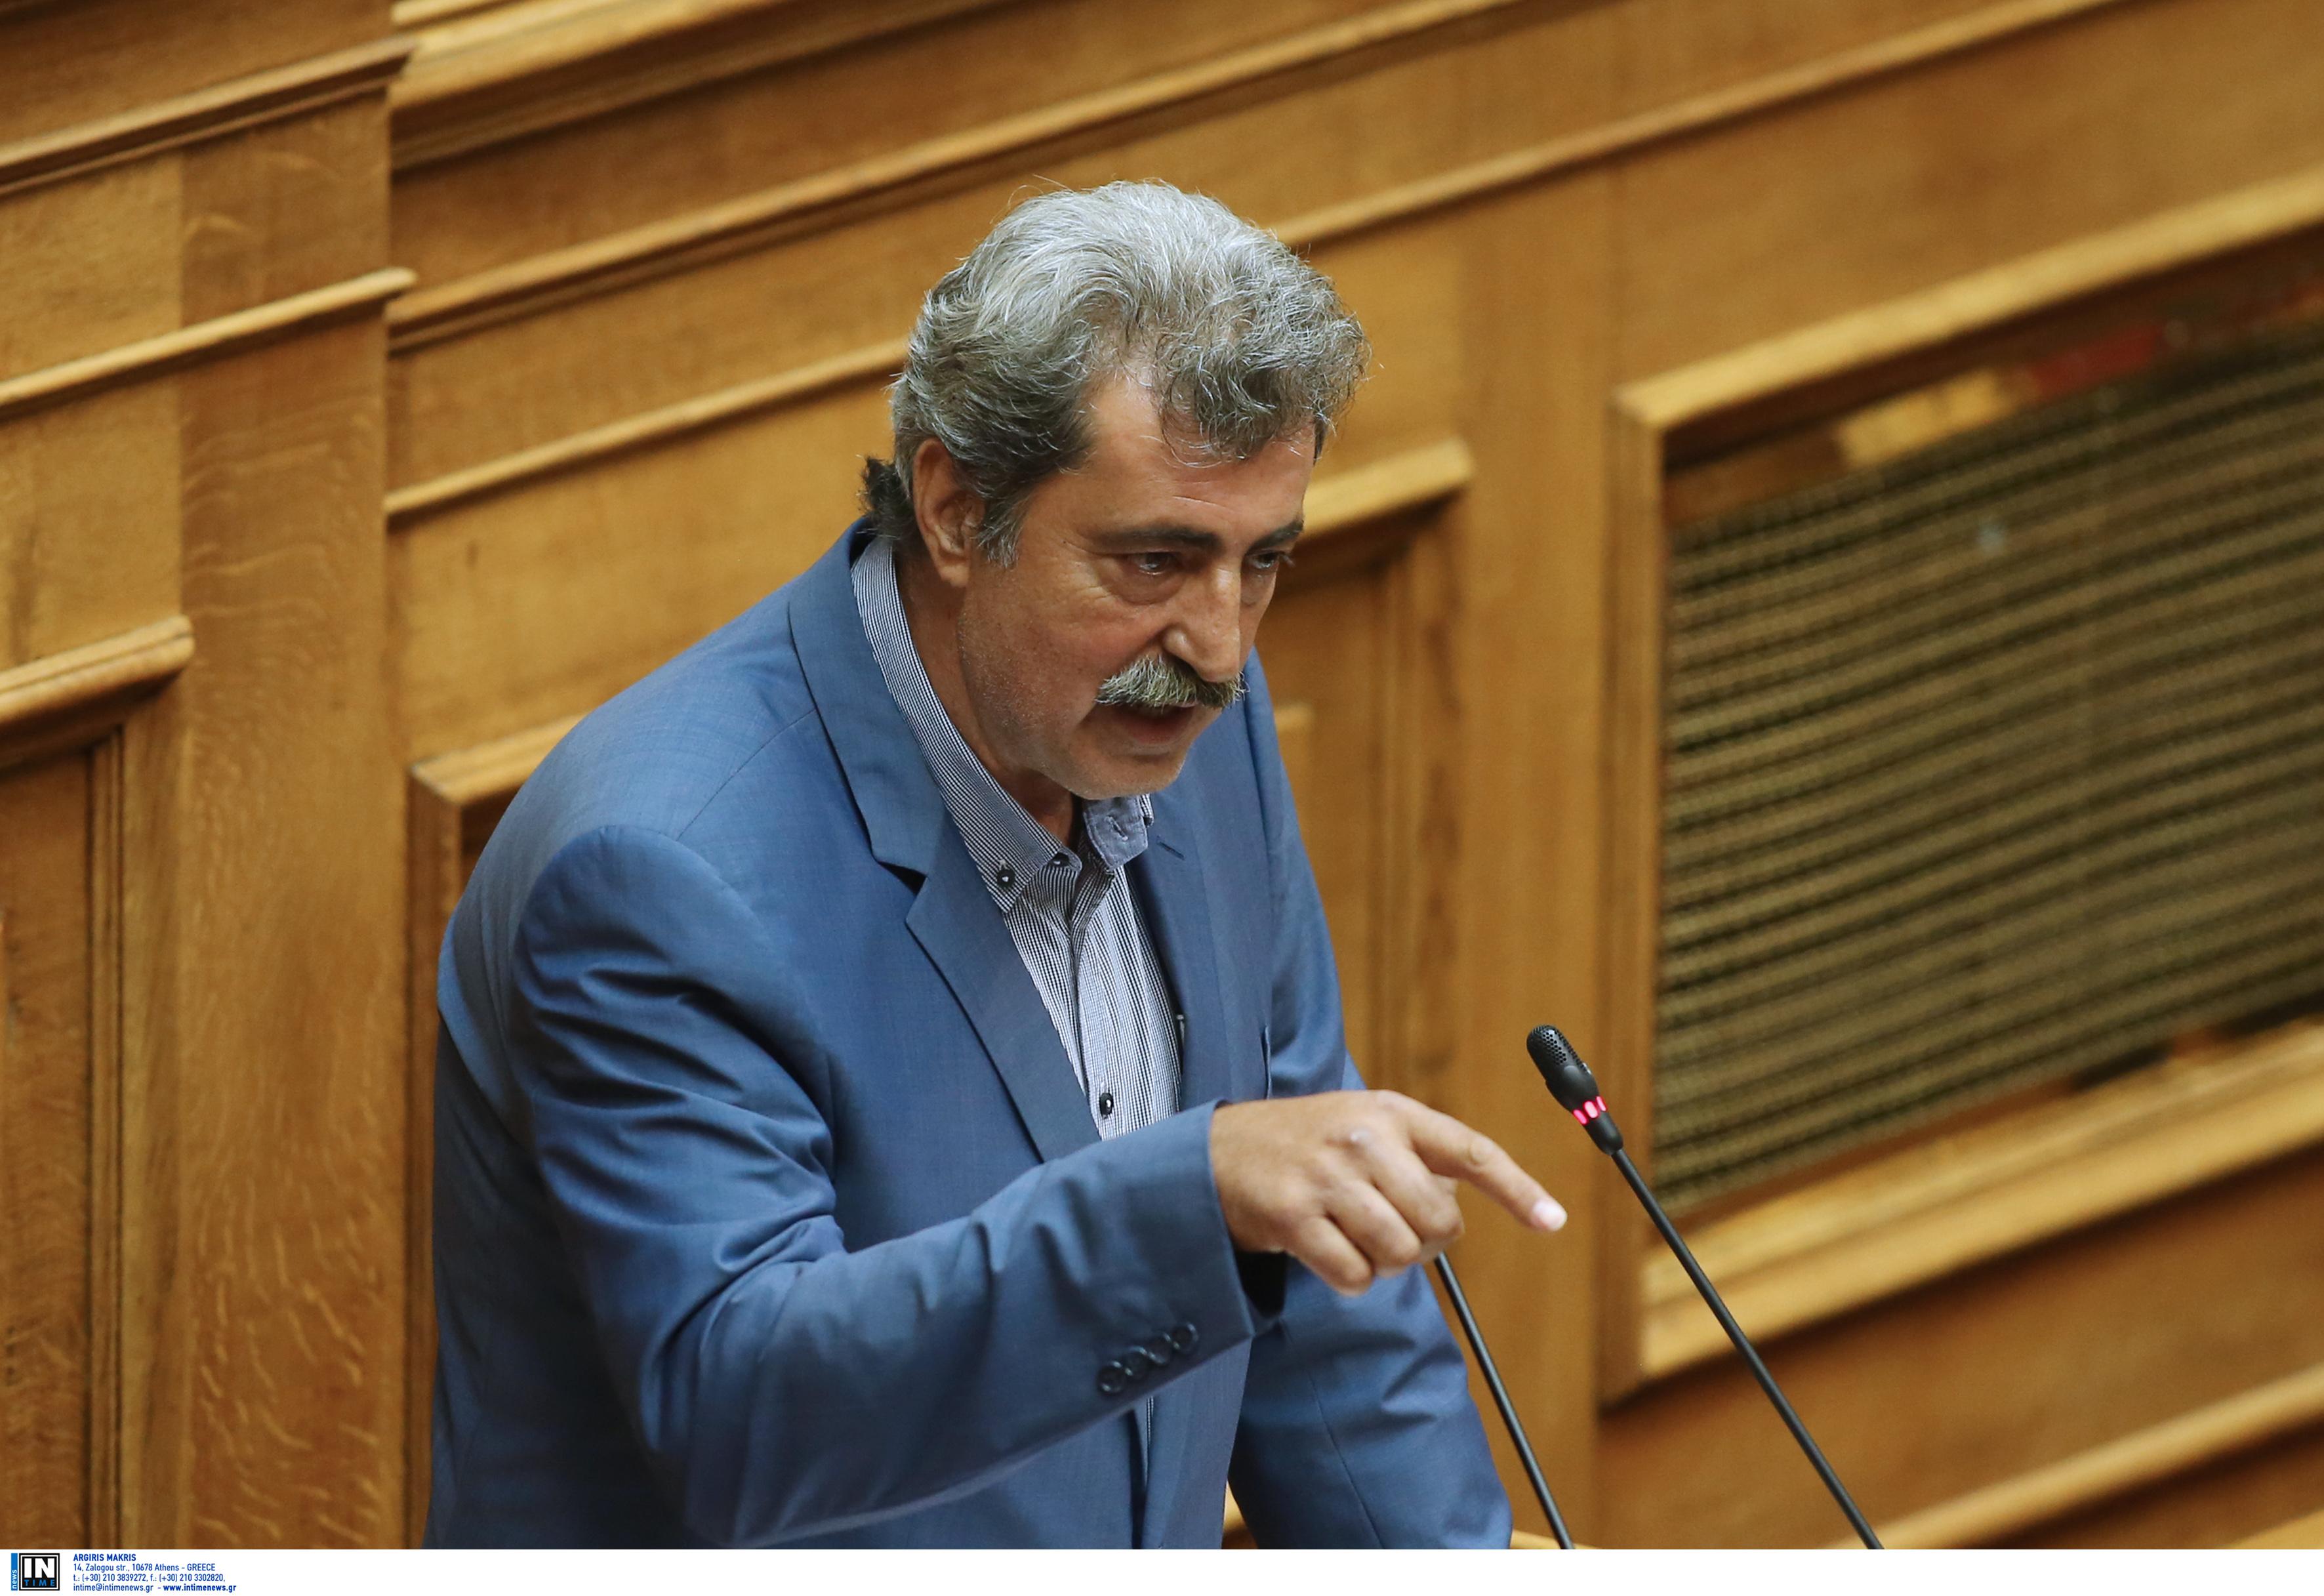 Ναι στην άρση ασυλίας Πολάκη αποφάσισε η Επιτροπή Δεοντολογίας - Αποχώρησε ο Τζανακόπουλος